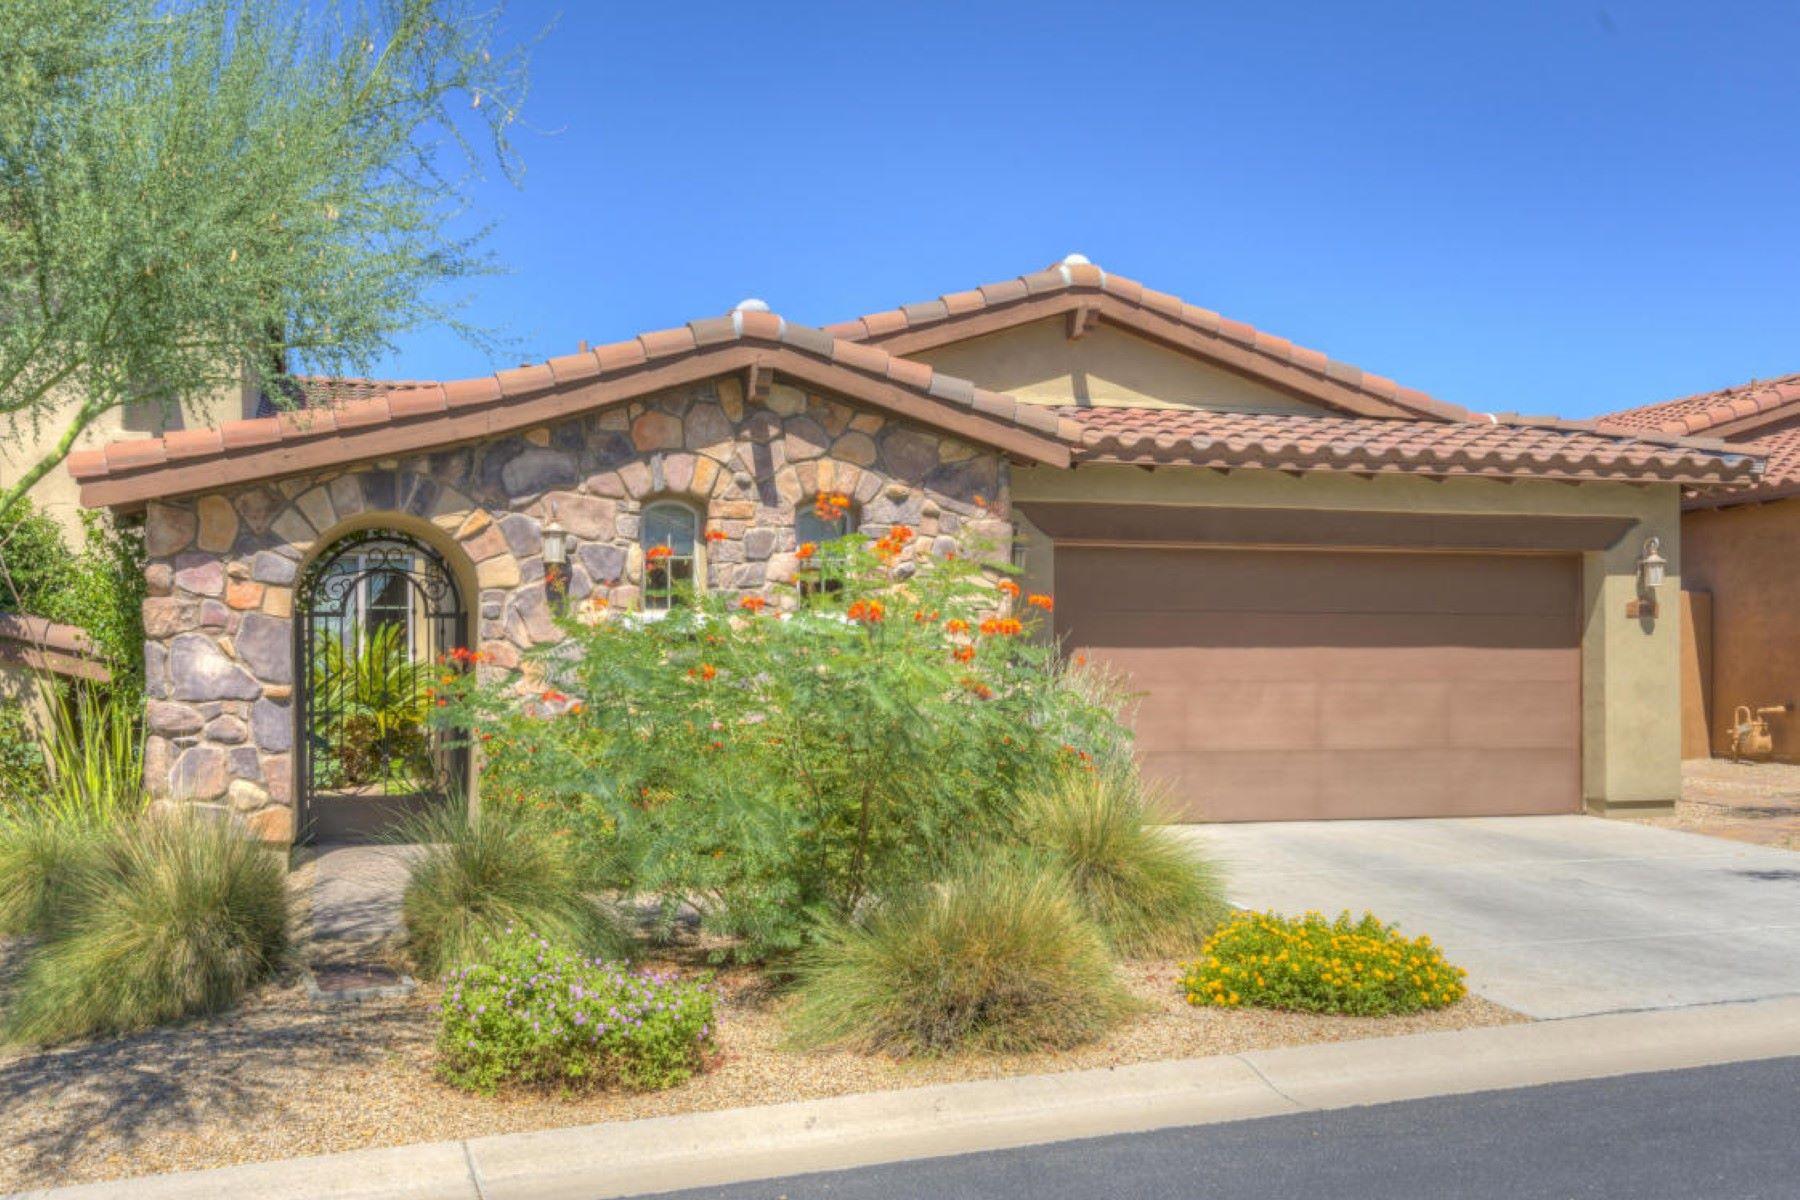 타운하우스 용 매매 에 Immaculate and beautifully upgraded and decorated home 7250 E Eclipes Dr Scottsdale, 아리조나, 85266 미국